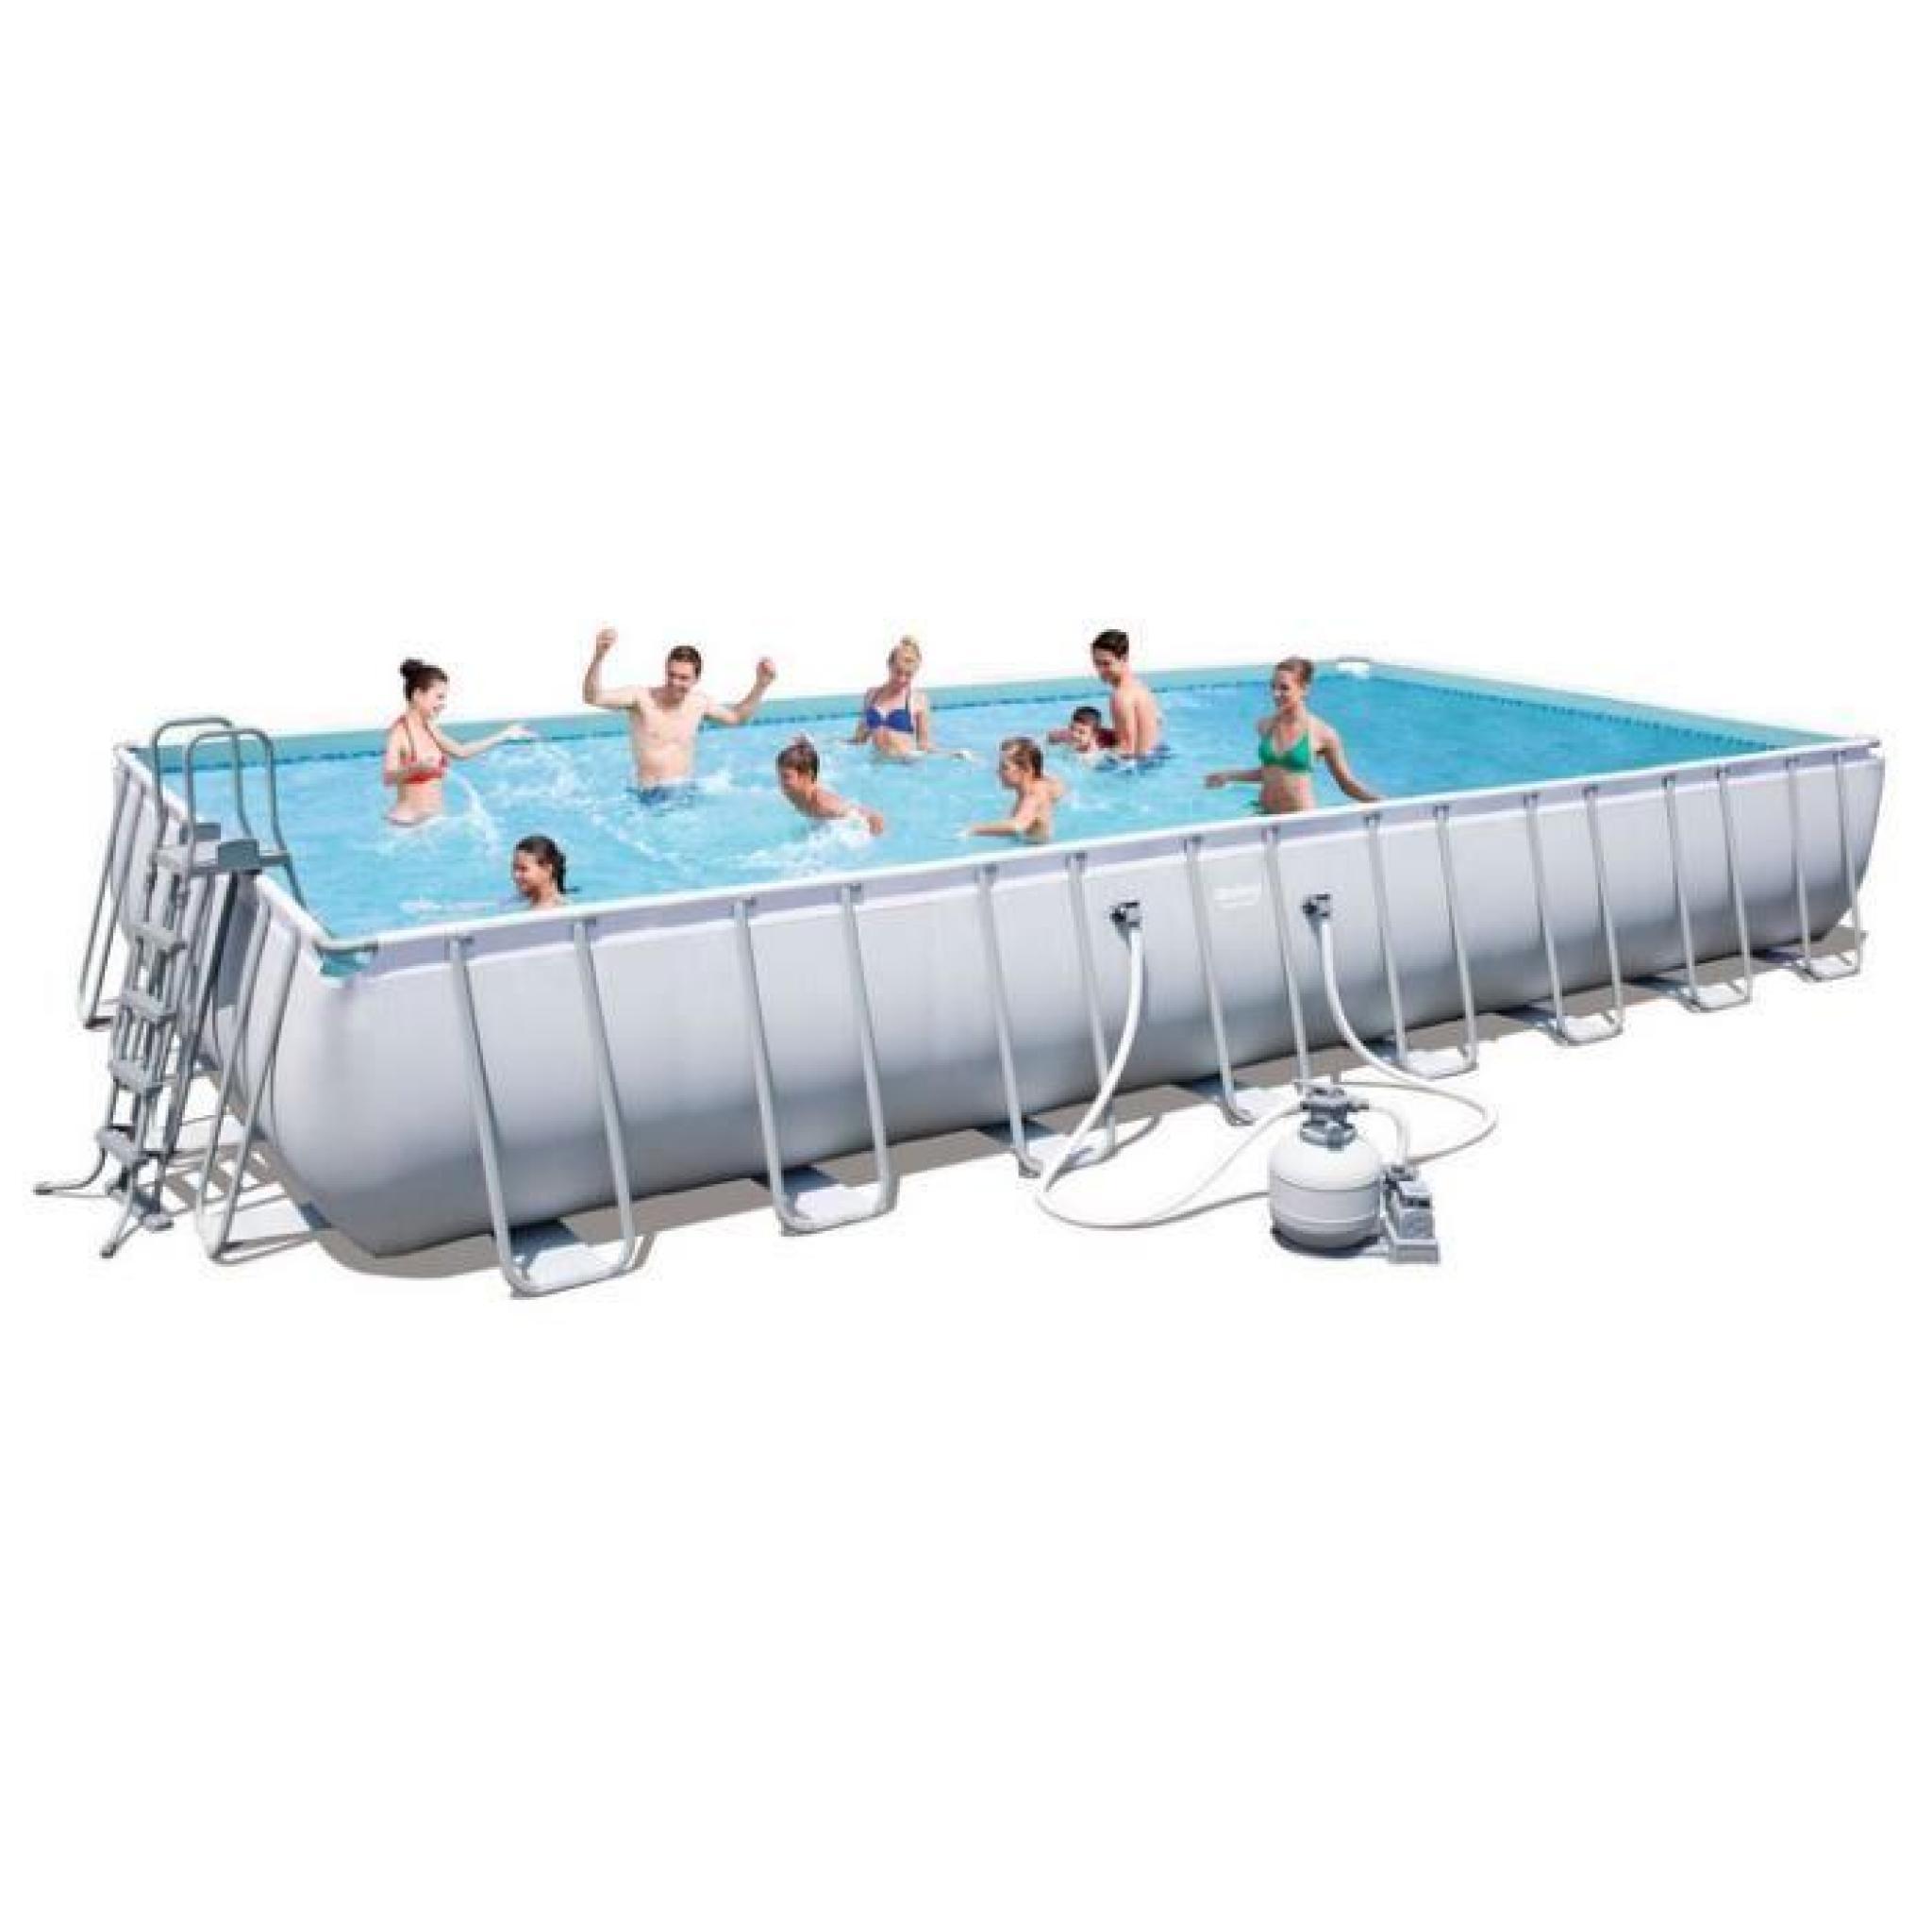 Piscine Tubulaire Rectangulaire Power Steel Frame Pools 956X488X132Cm Avec  Filtre À Sable pour Piscine Rectangulaire Tubulaire Pas Cher